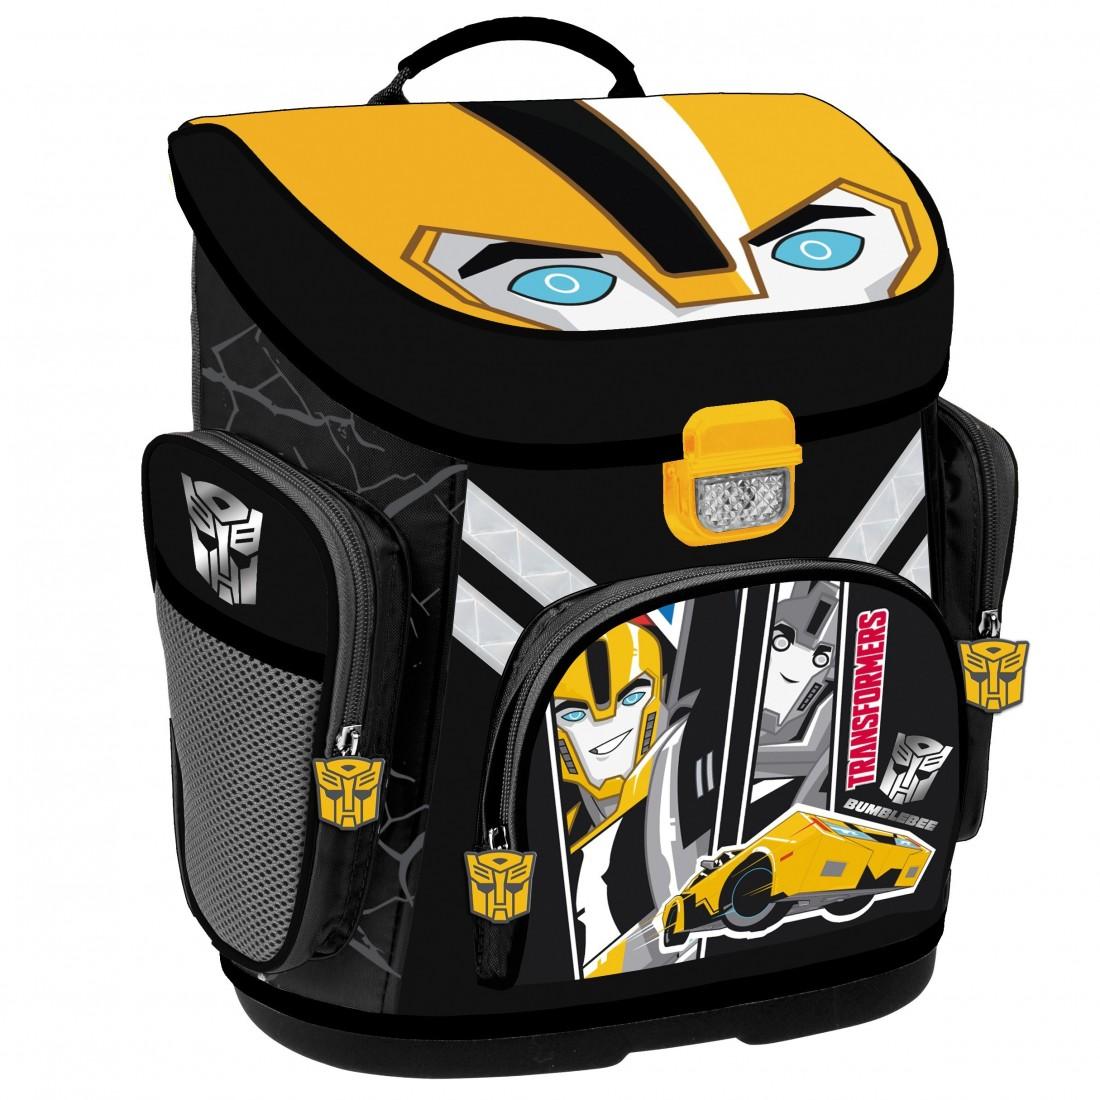 6085d34df39f8 ZESTAW Tornister Szkolny Transformers Bumblebee; ZESTAW Tornister Szkolny  Transformers Bumblebee ...